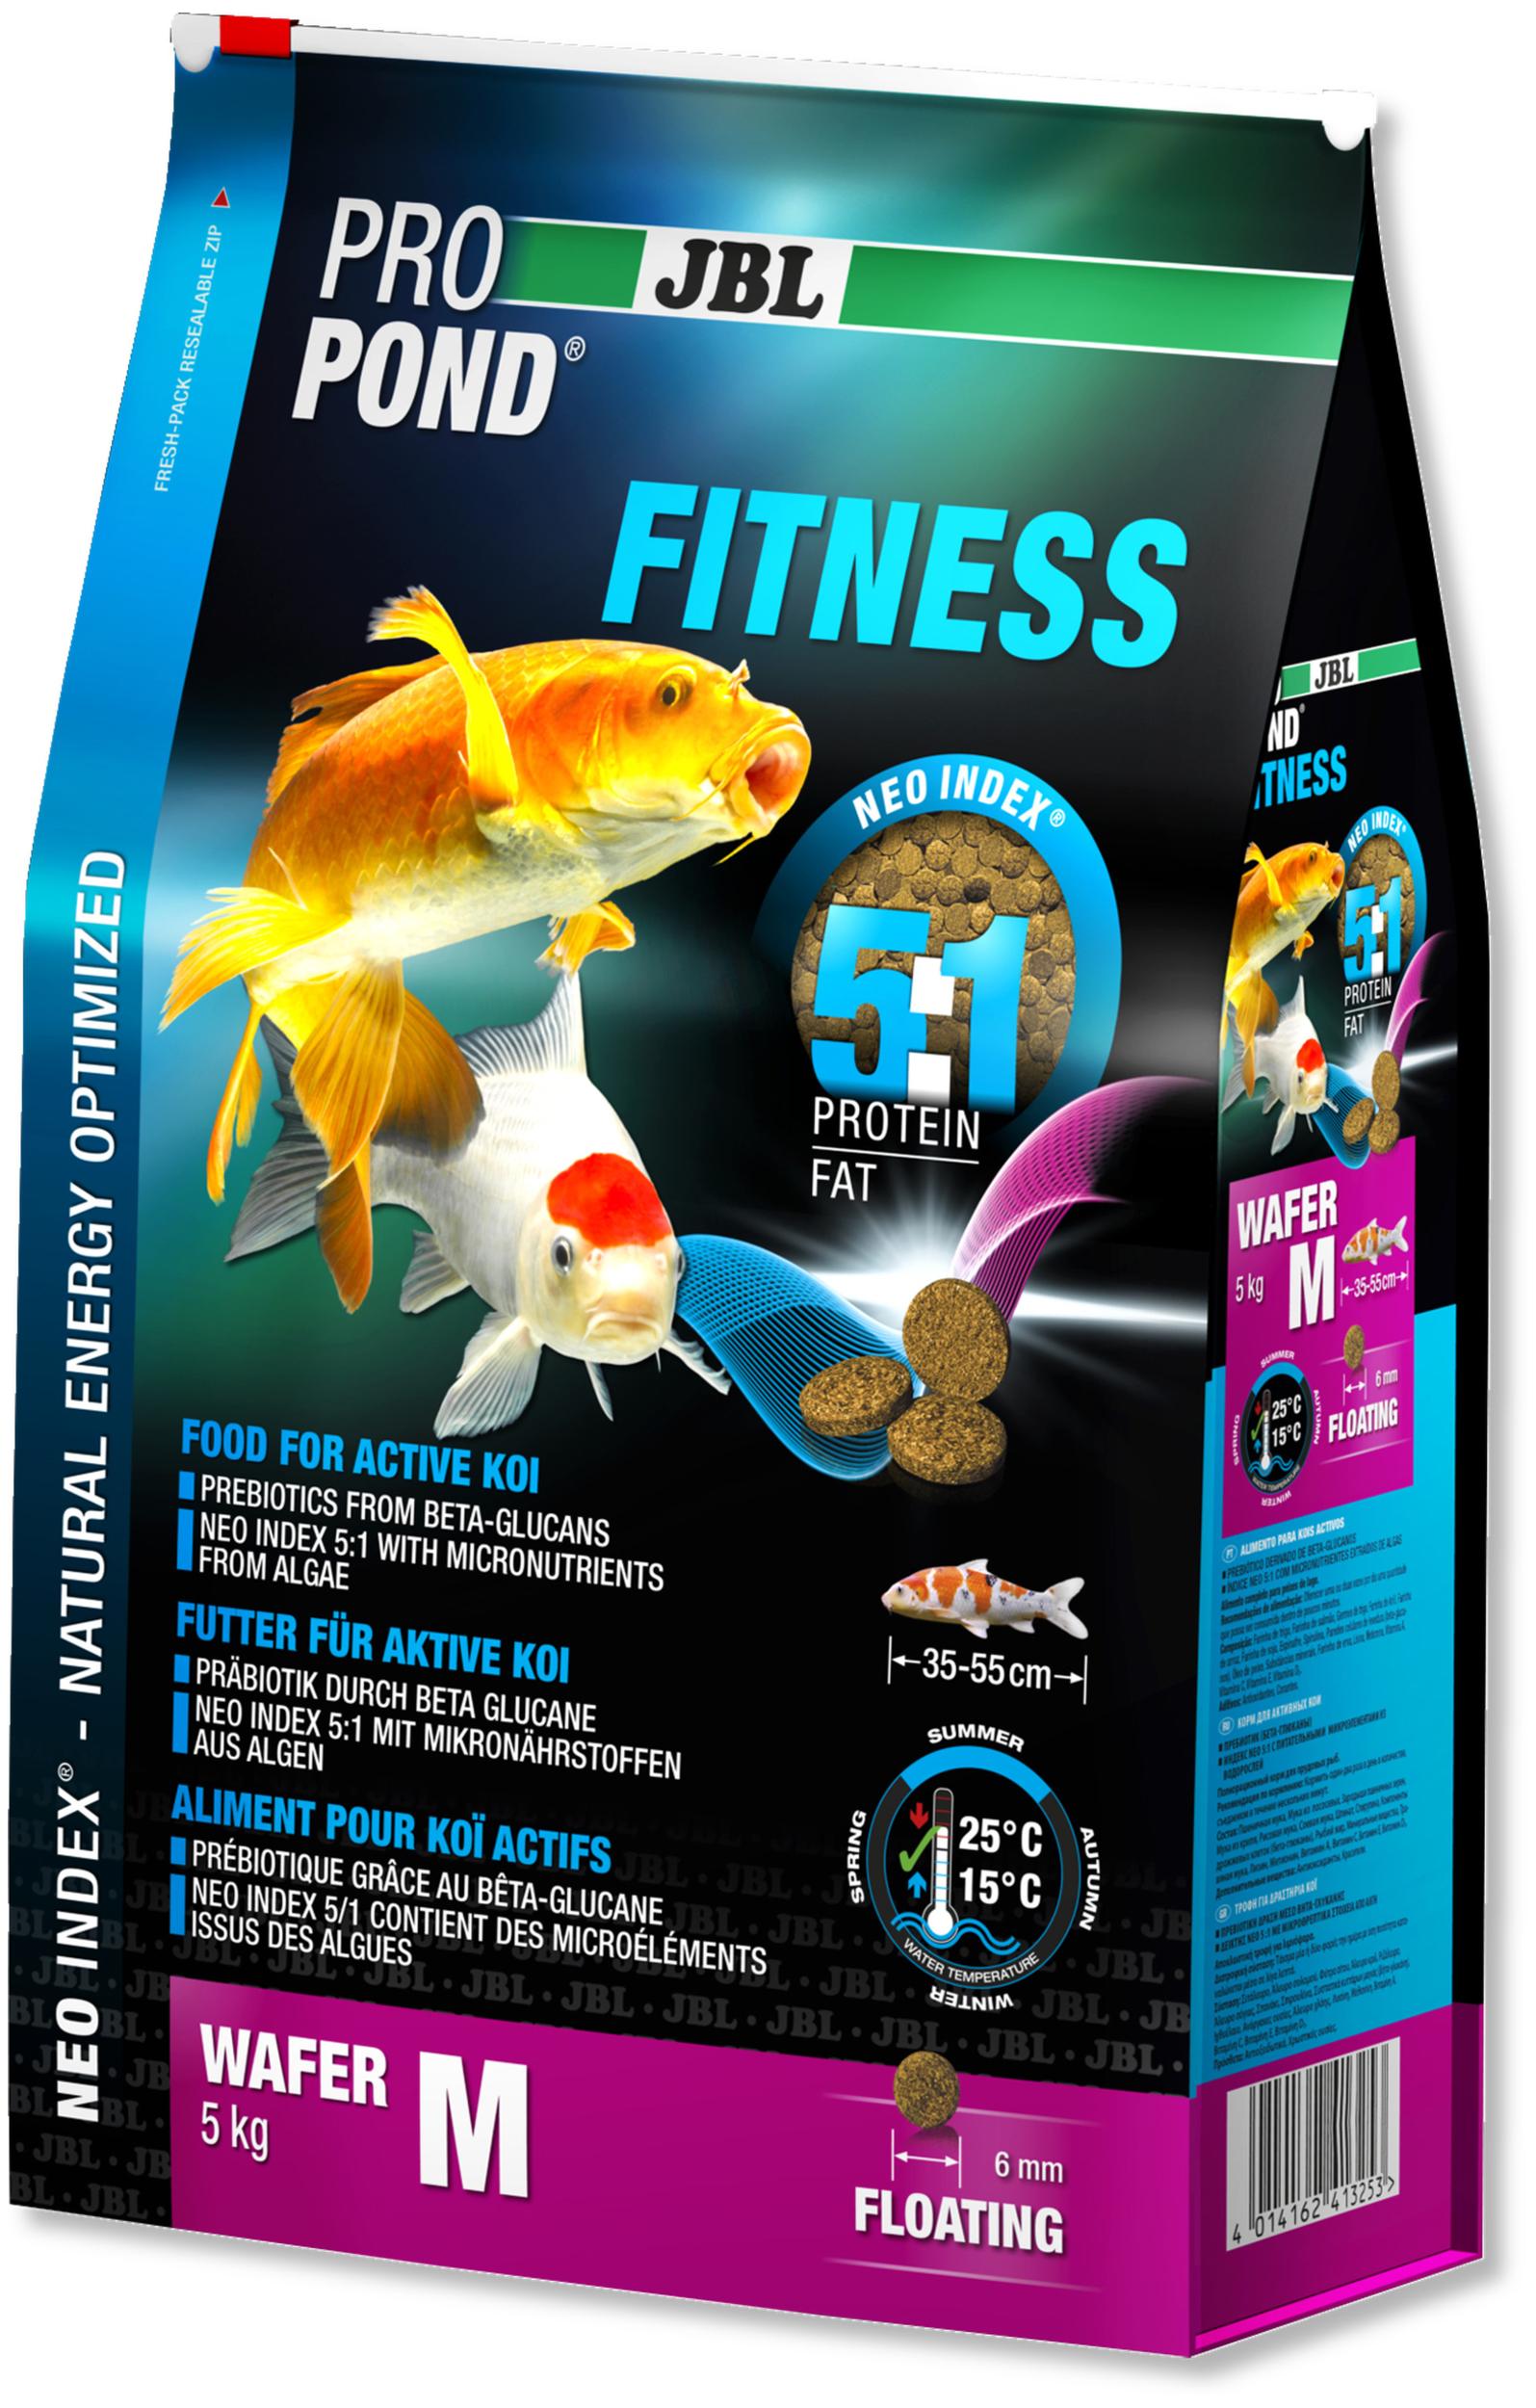 JBL ProPond Fitness M 5 Kg nourriture spéciale sous forme de perles pour Kois actives de 35 à 55 cm